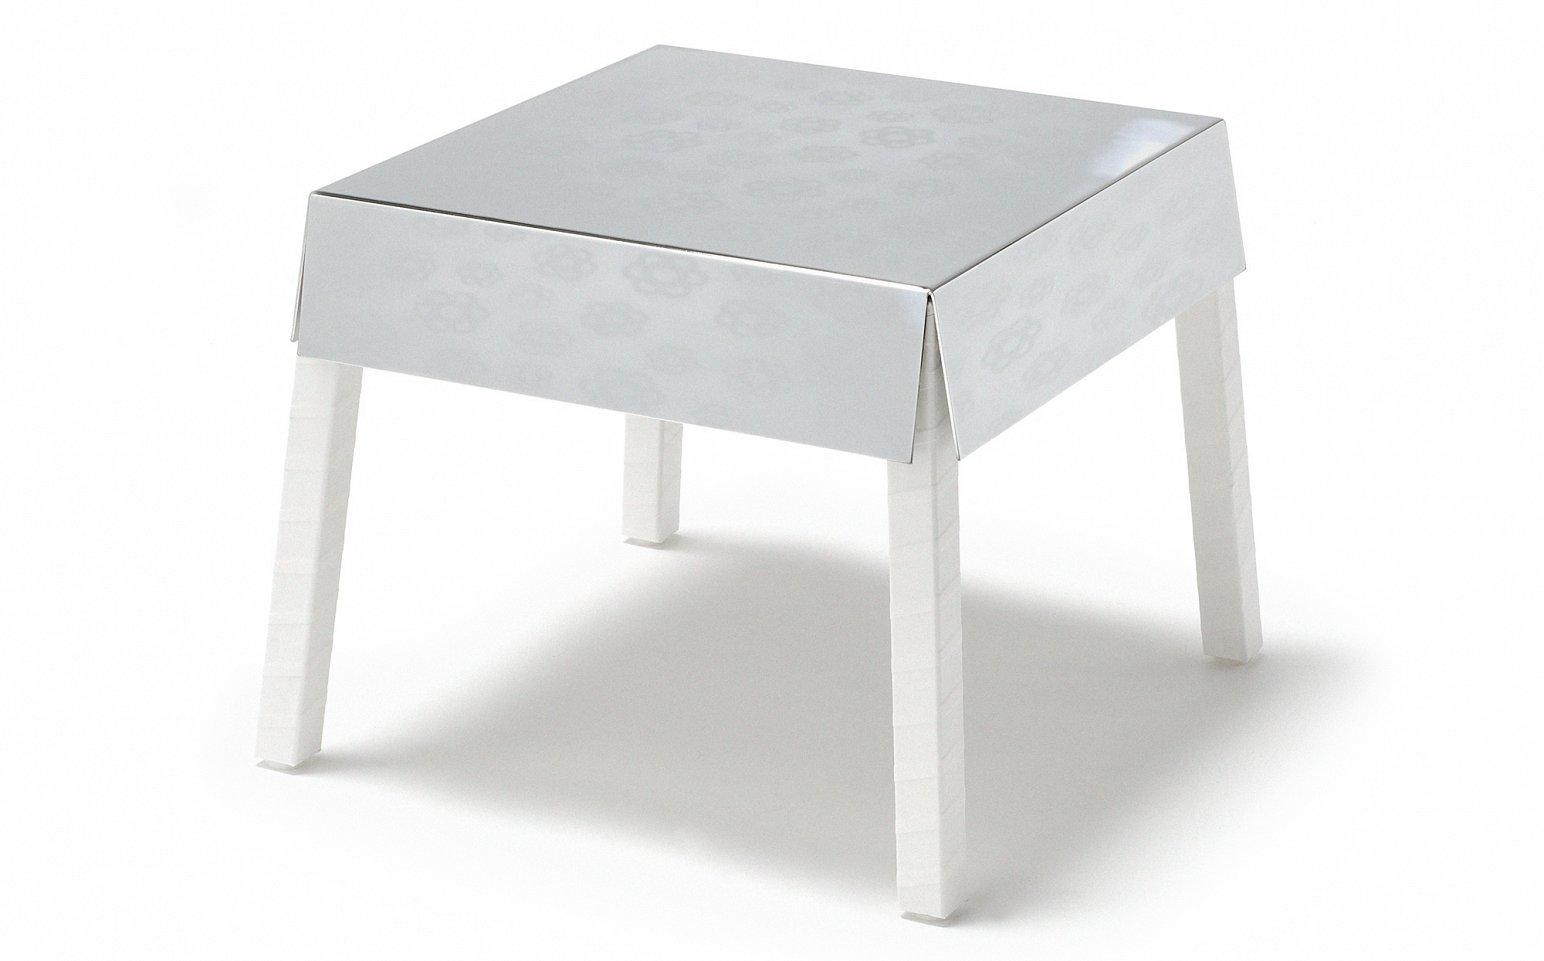 Beau Shiny Table